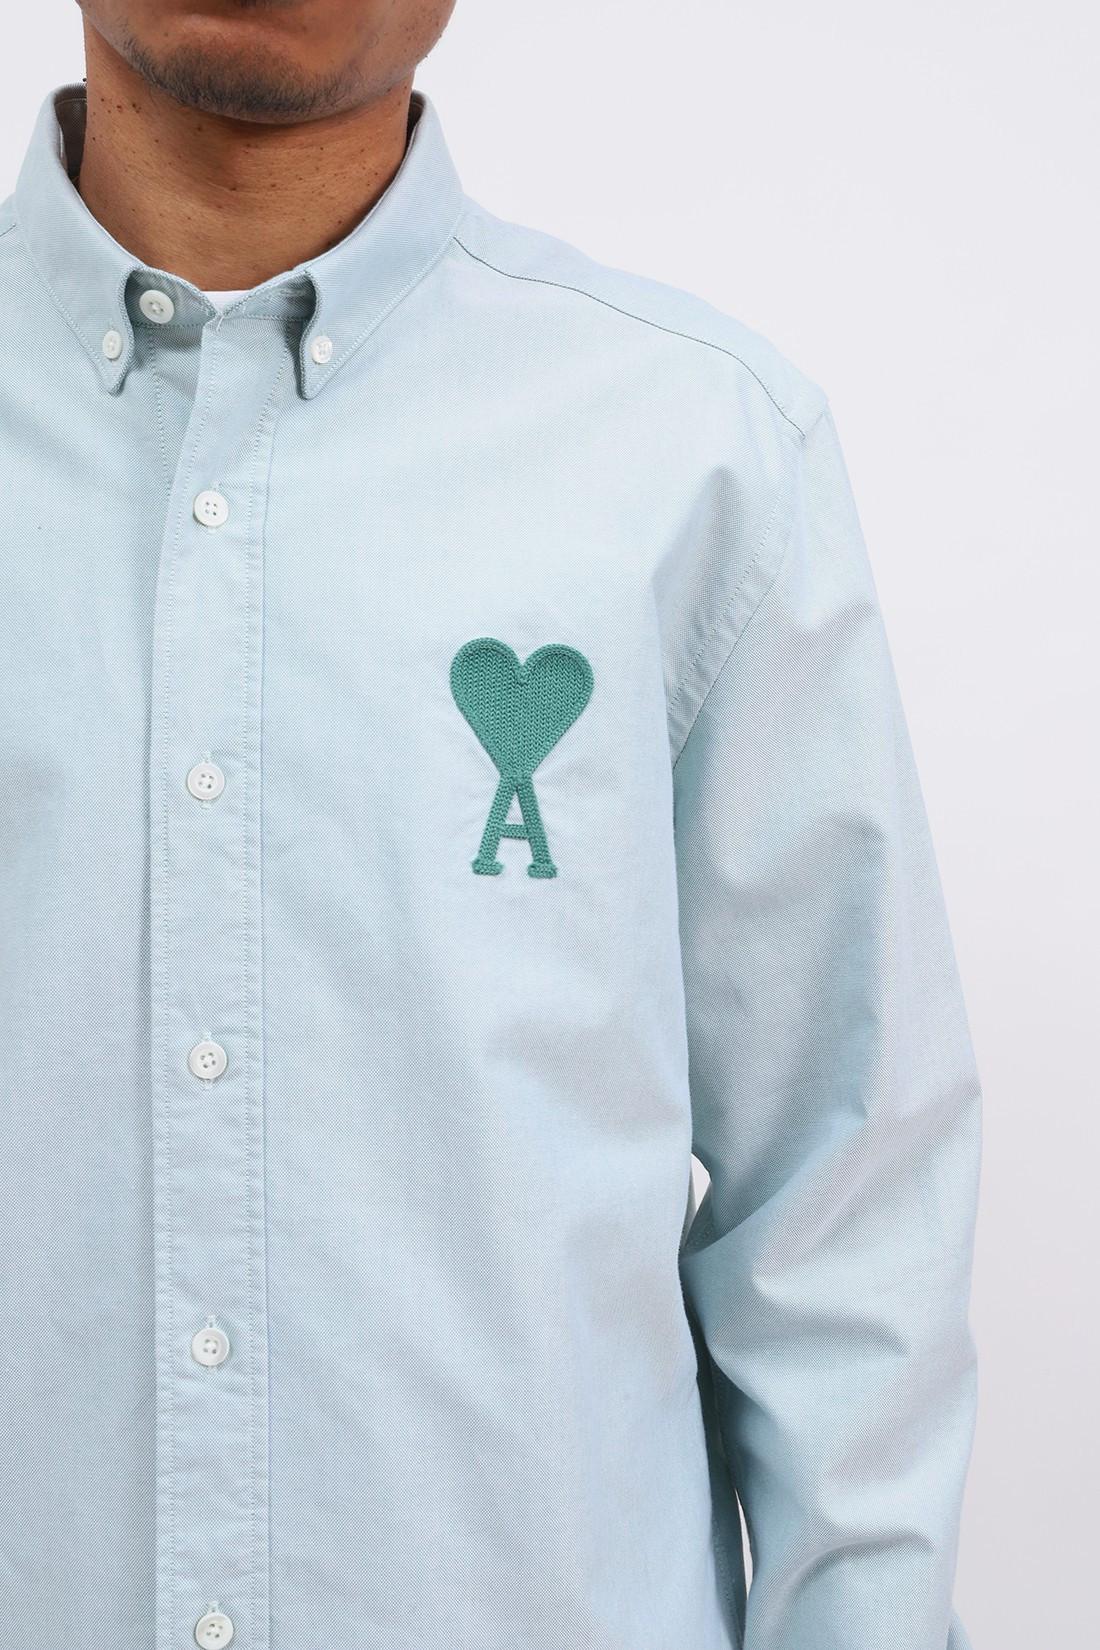 AMI / Chemise ami de coeur Aqua green